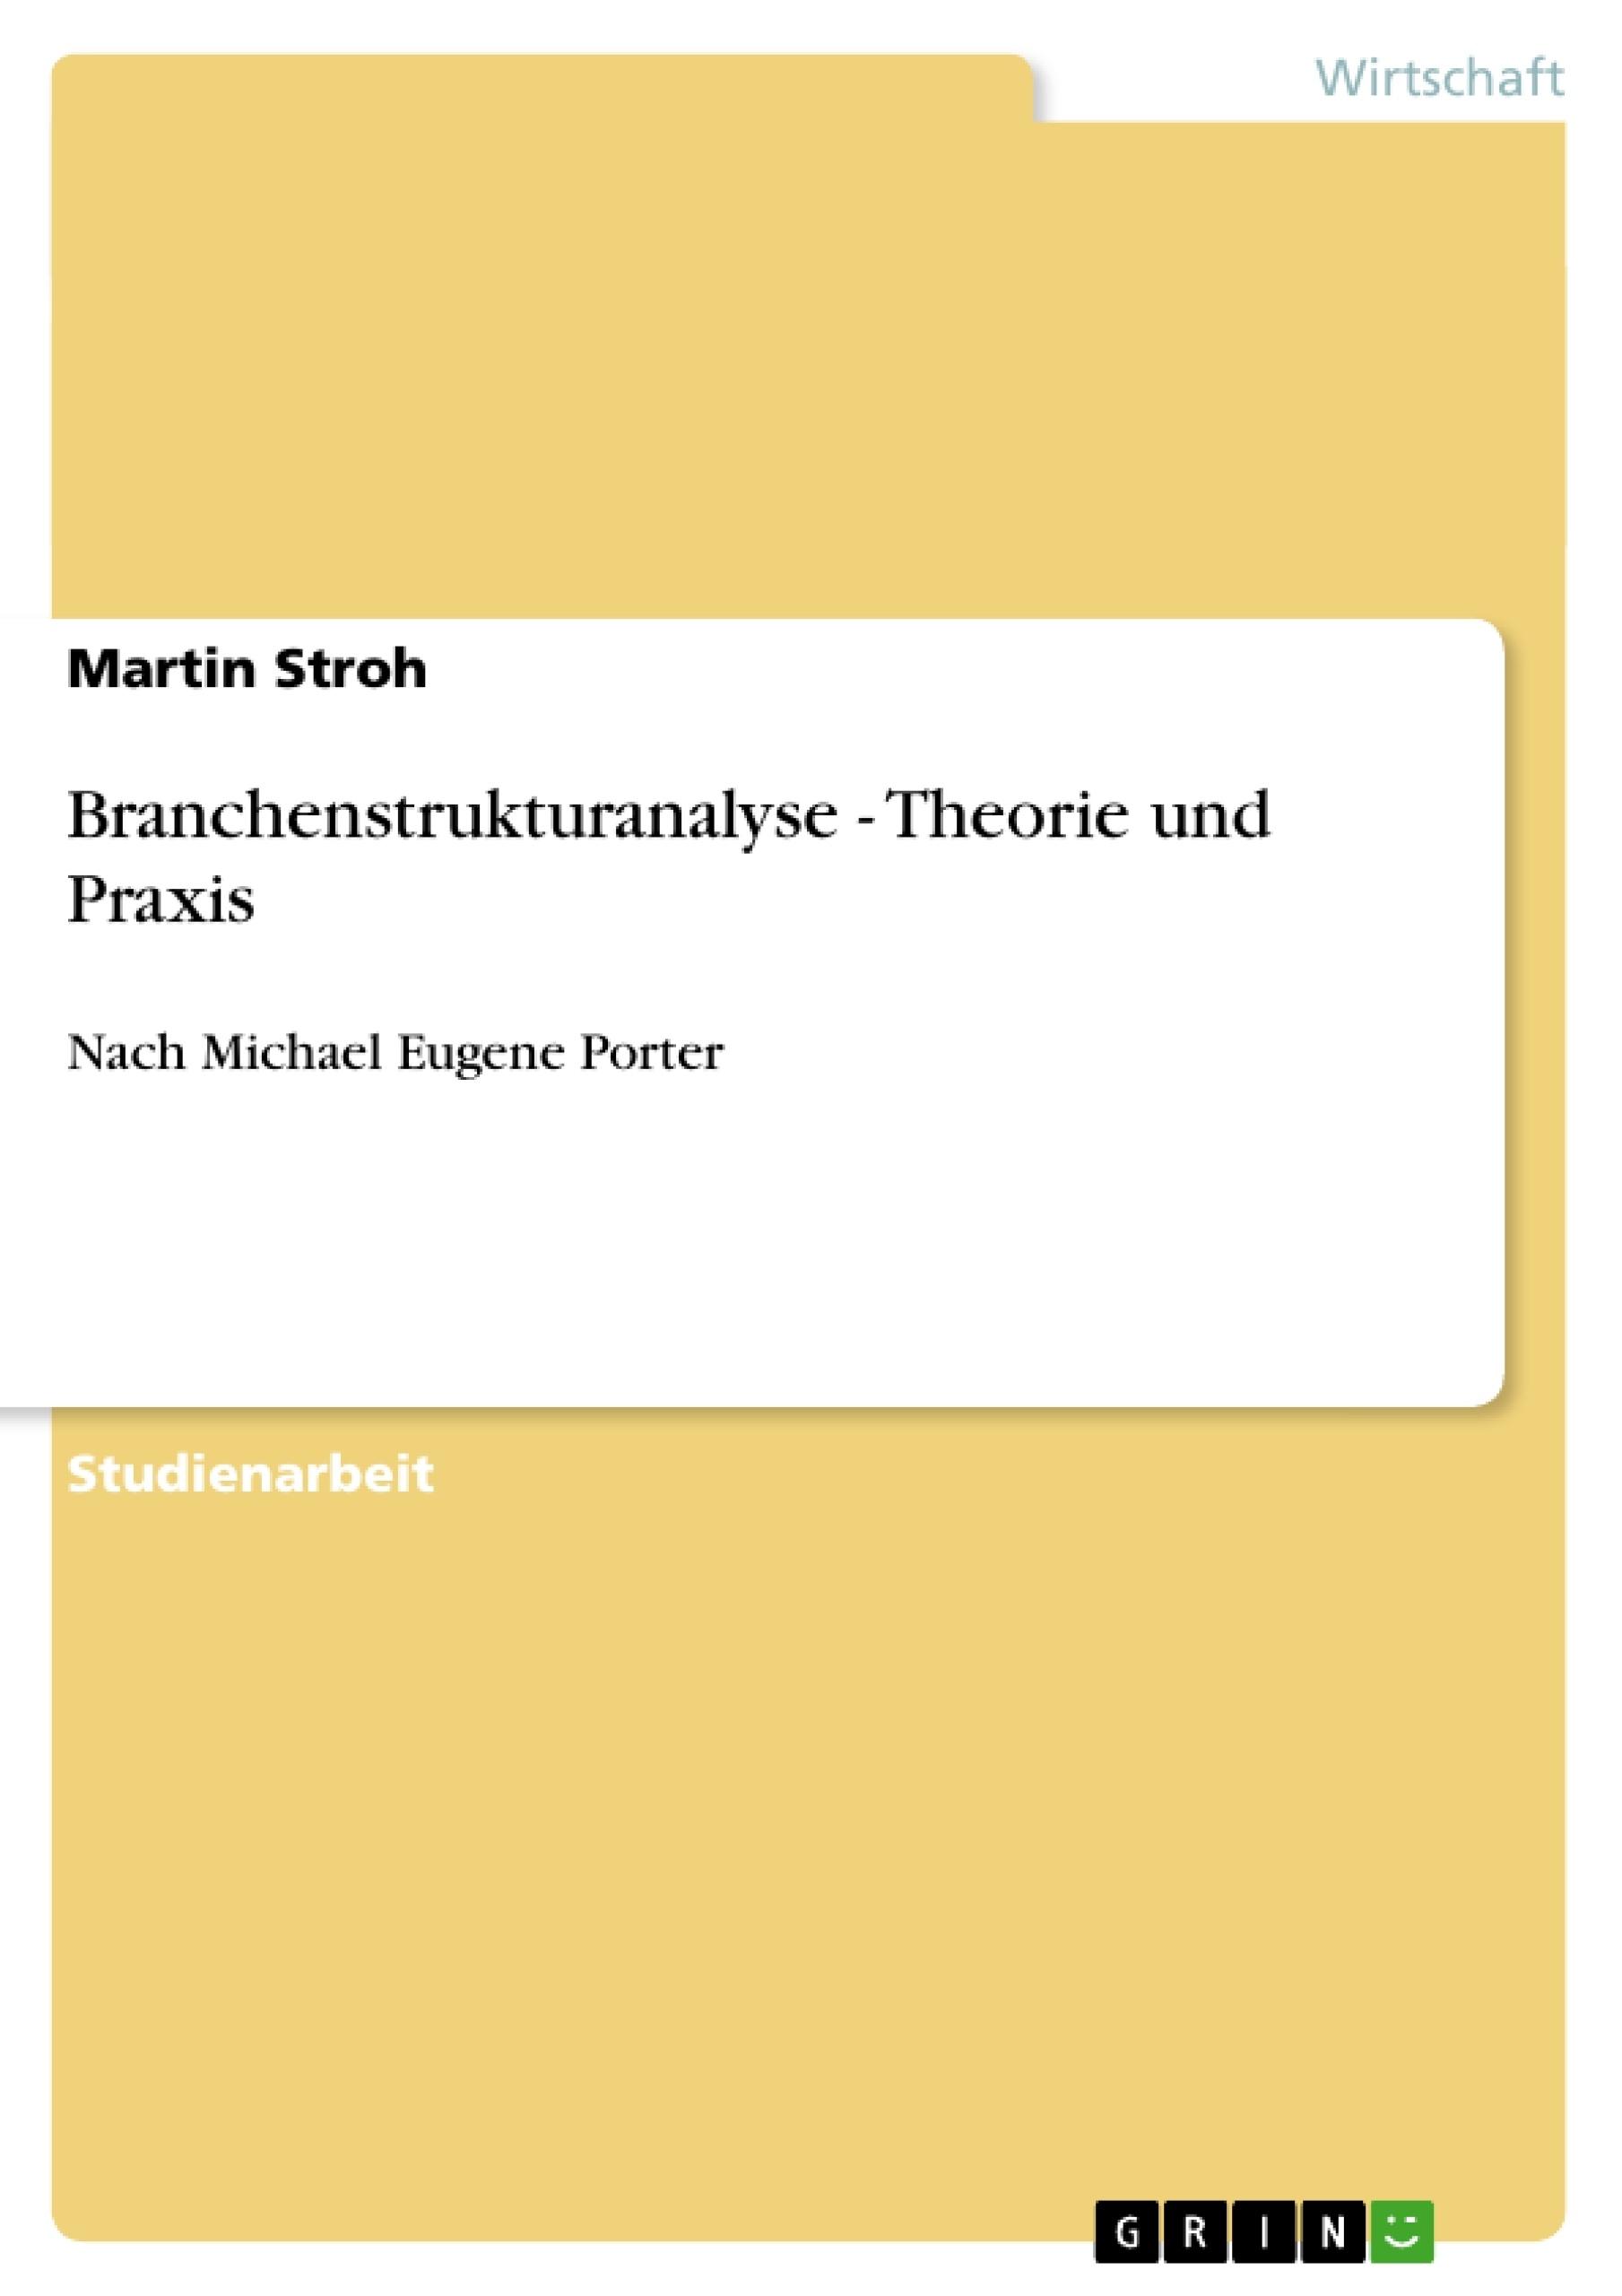 Titel: Branchenstrukturanalyse - Theorie und Praxis